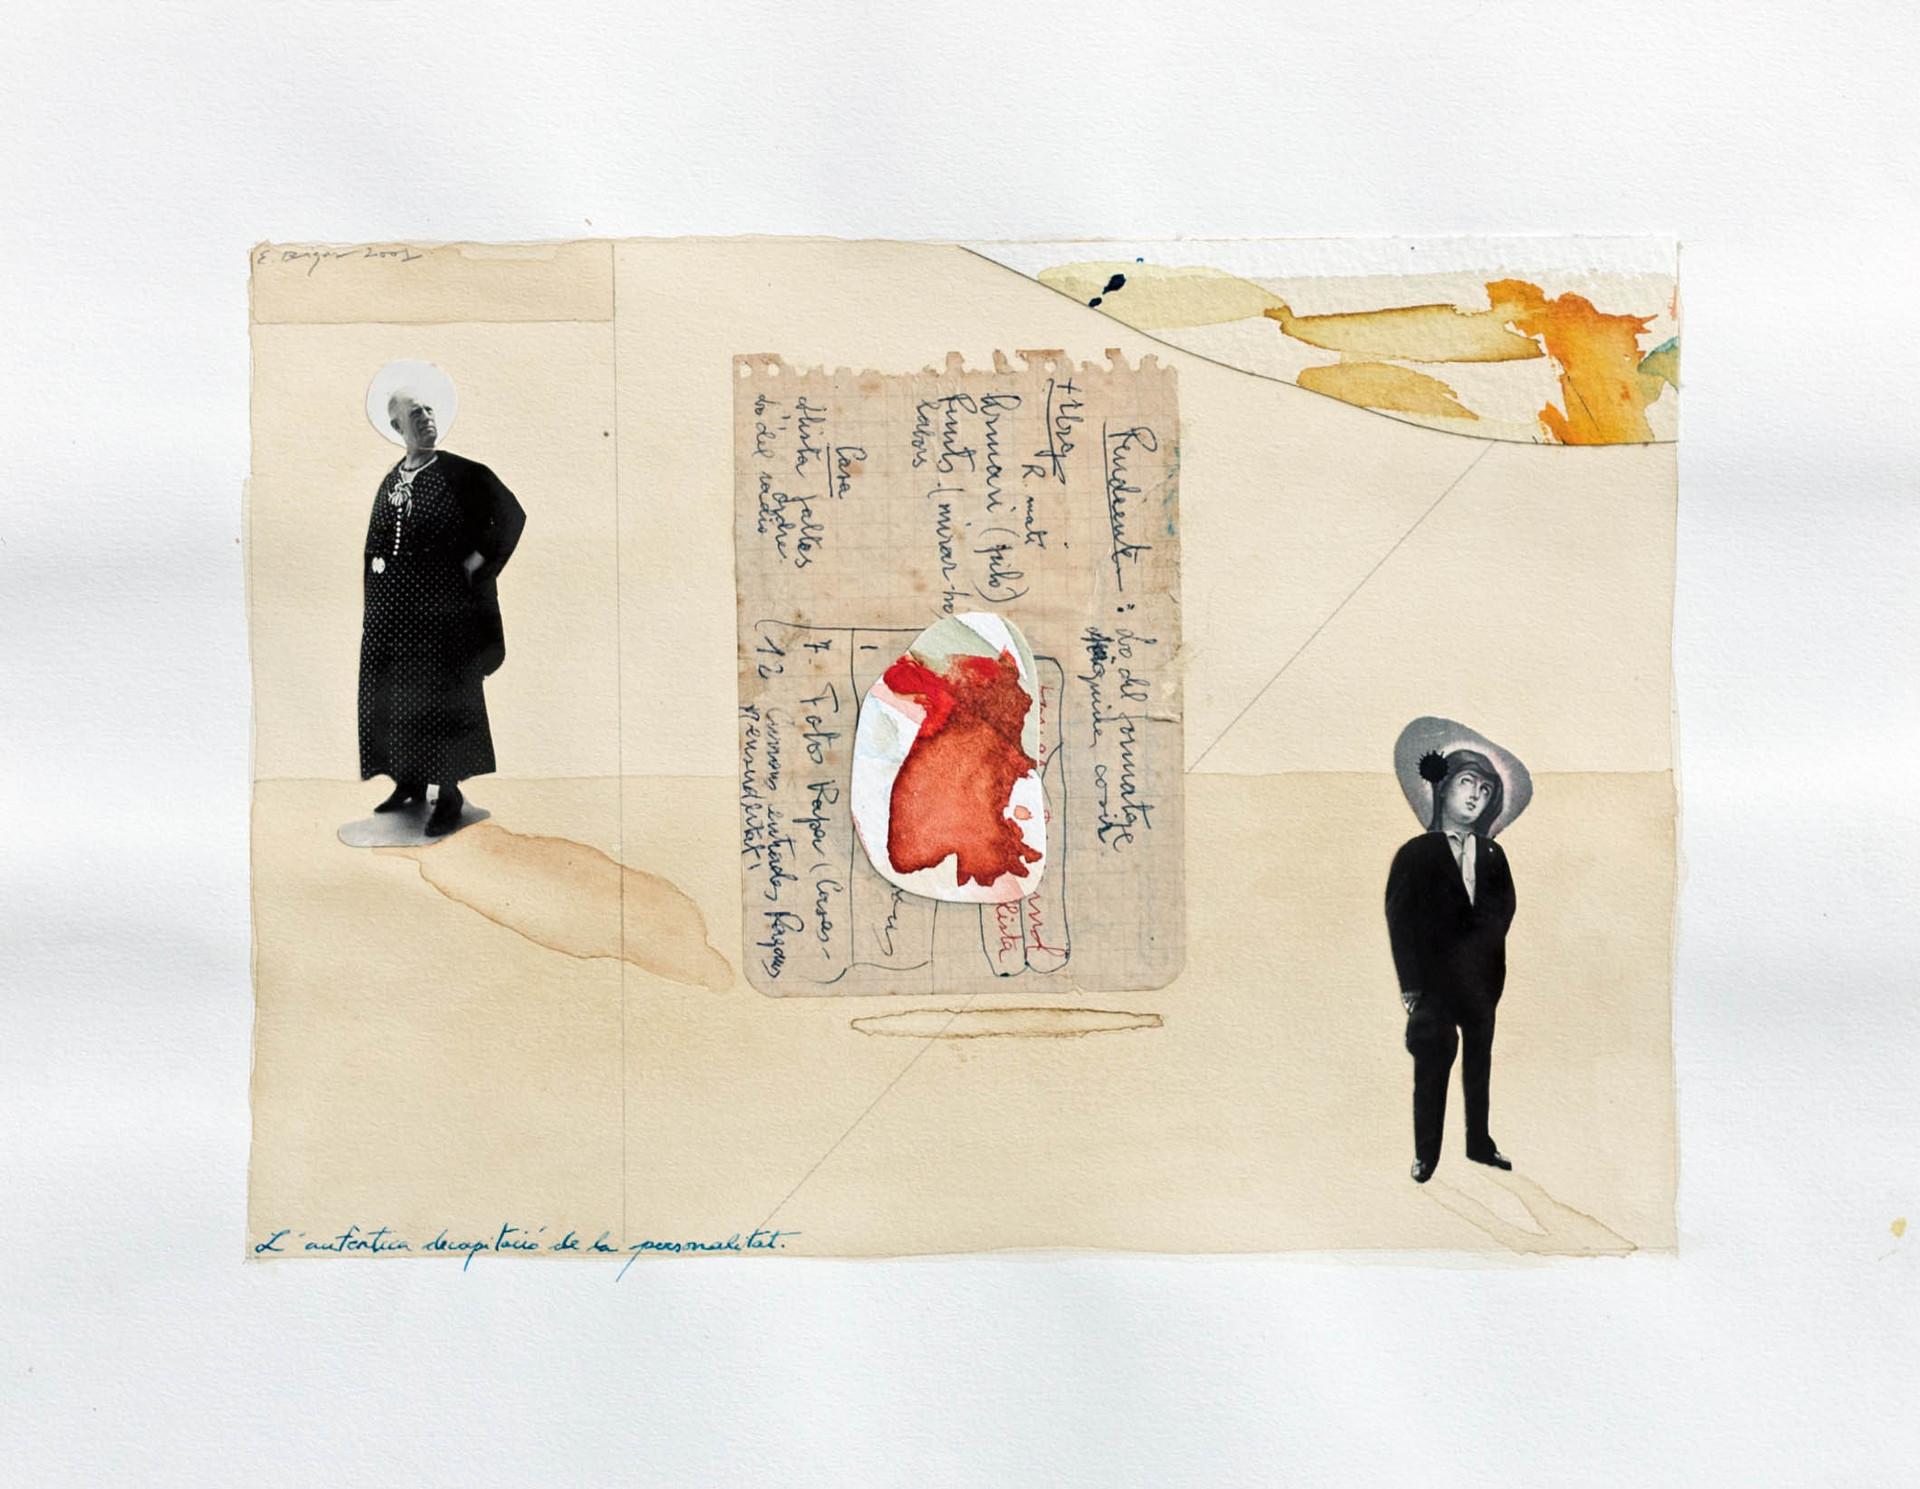 La autentica decapitacio de la personalitat 2001 30'5x24cm Collage and watercolour on paper